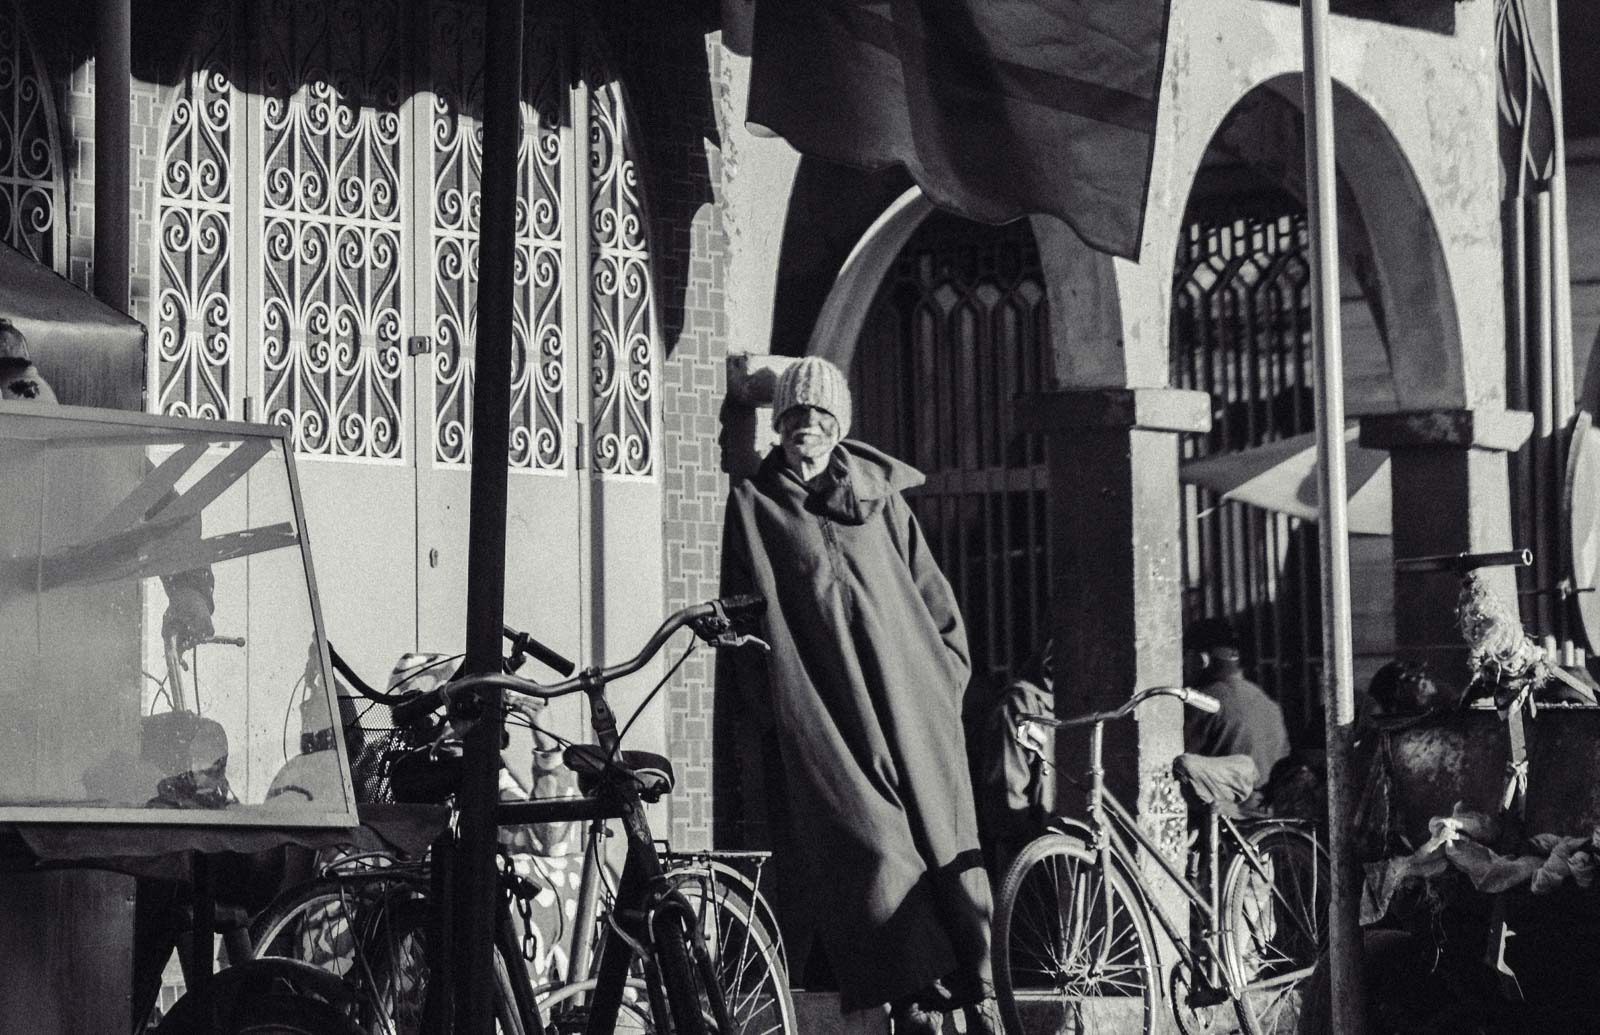 """Marrakech, die """"Rote Stadt"""", ist ein sehr besonderer Ort. Einmal angekommen, ist man auf einer Zeitreise in eine andere Welt. Wir wohnten für fünf Tage in einem traditionellen Riad, ein umgebautes Mehrgenerationenhaus mit Innenhöfen, verwinkelten Gängen, Treppen und Dachterrassen. Thomas Brand Sarah Bugar - brand4art Ebersberg München - Fotografie Cinemagraph Fotograf Fotodesign"""